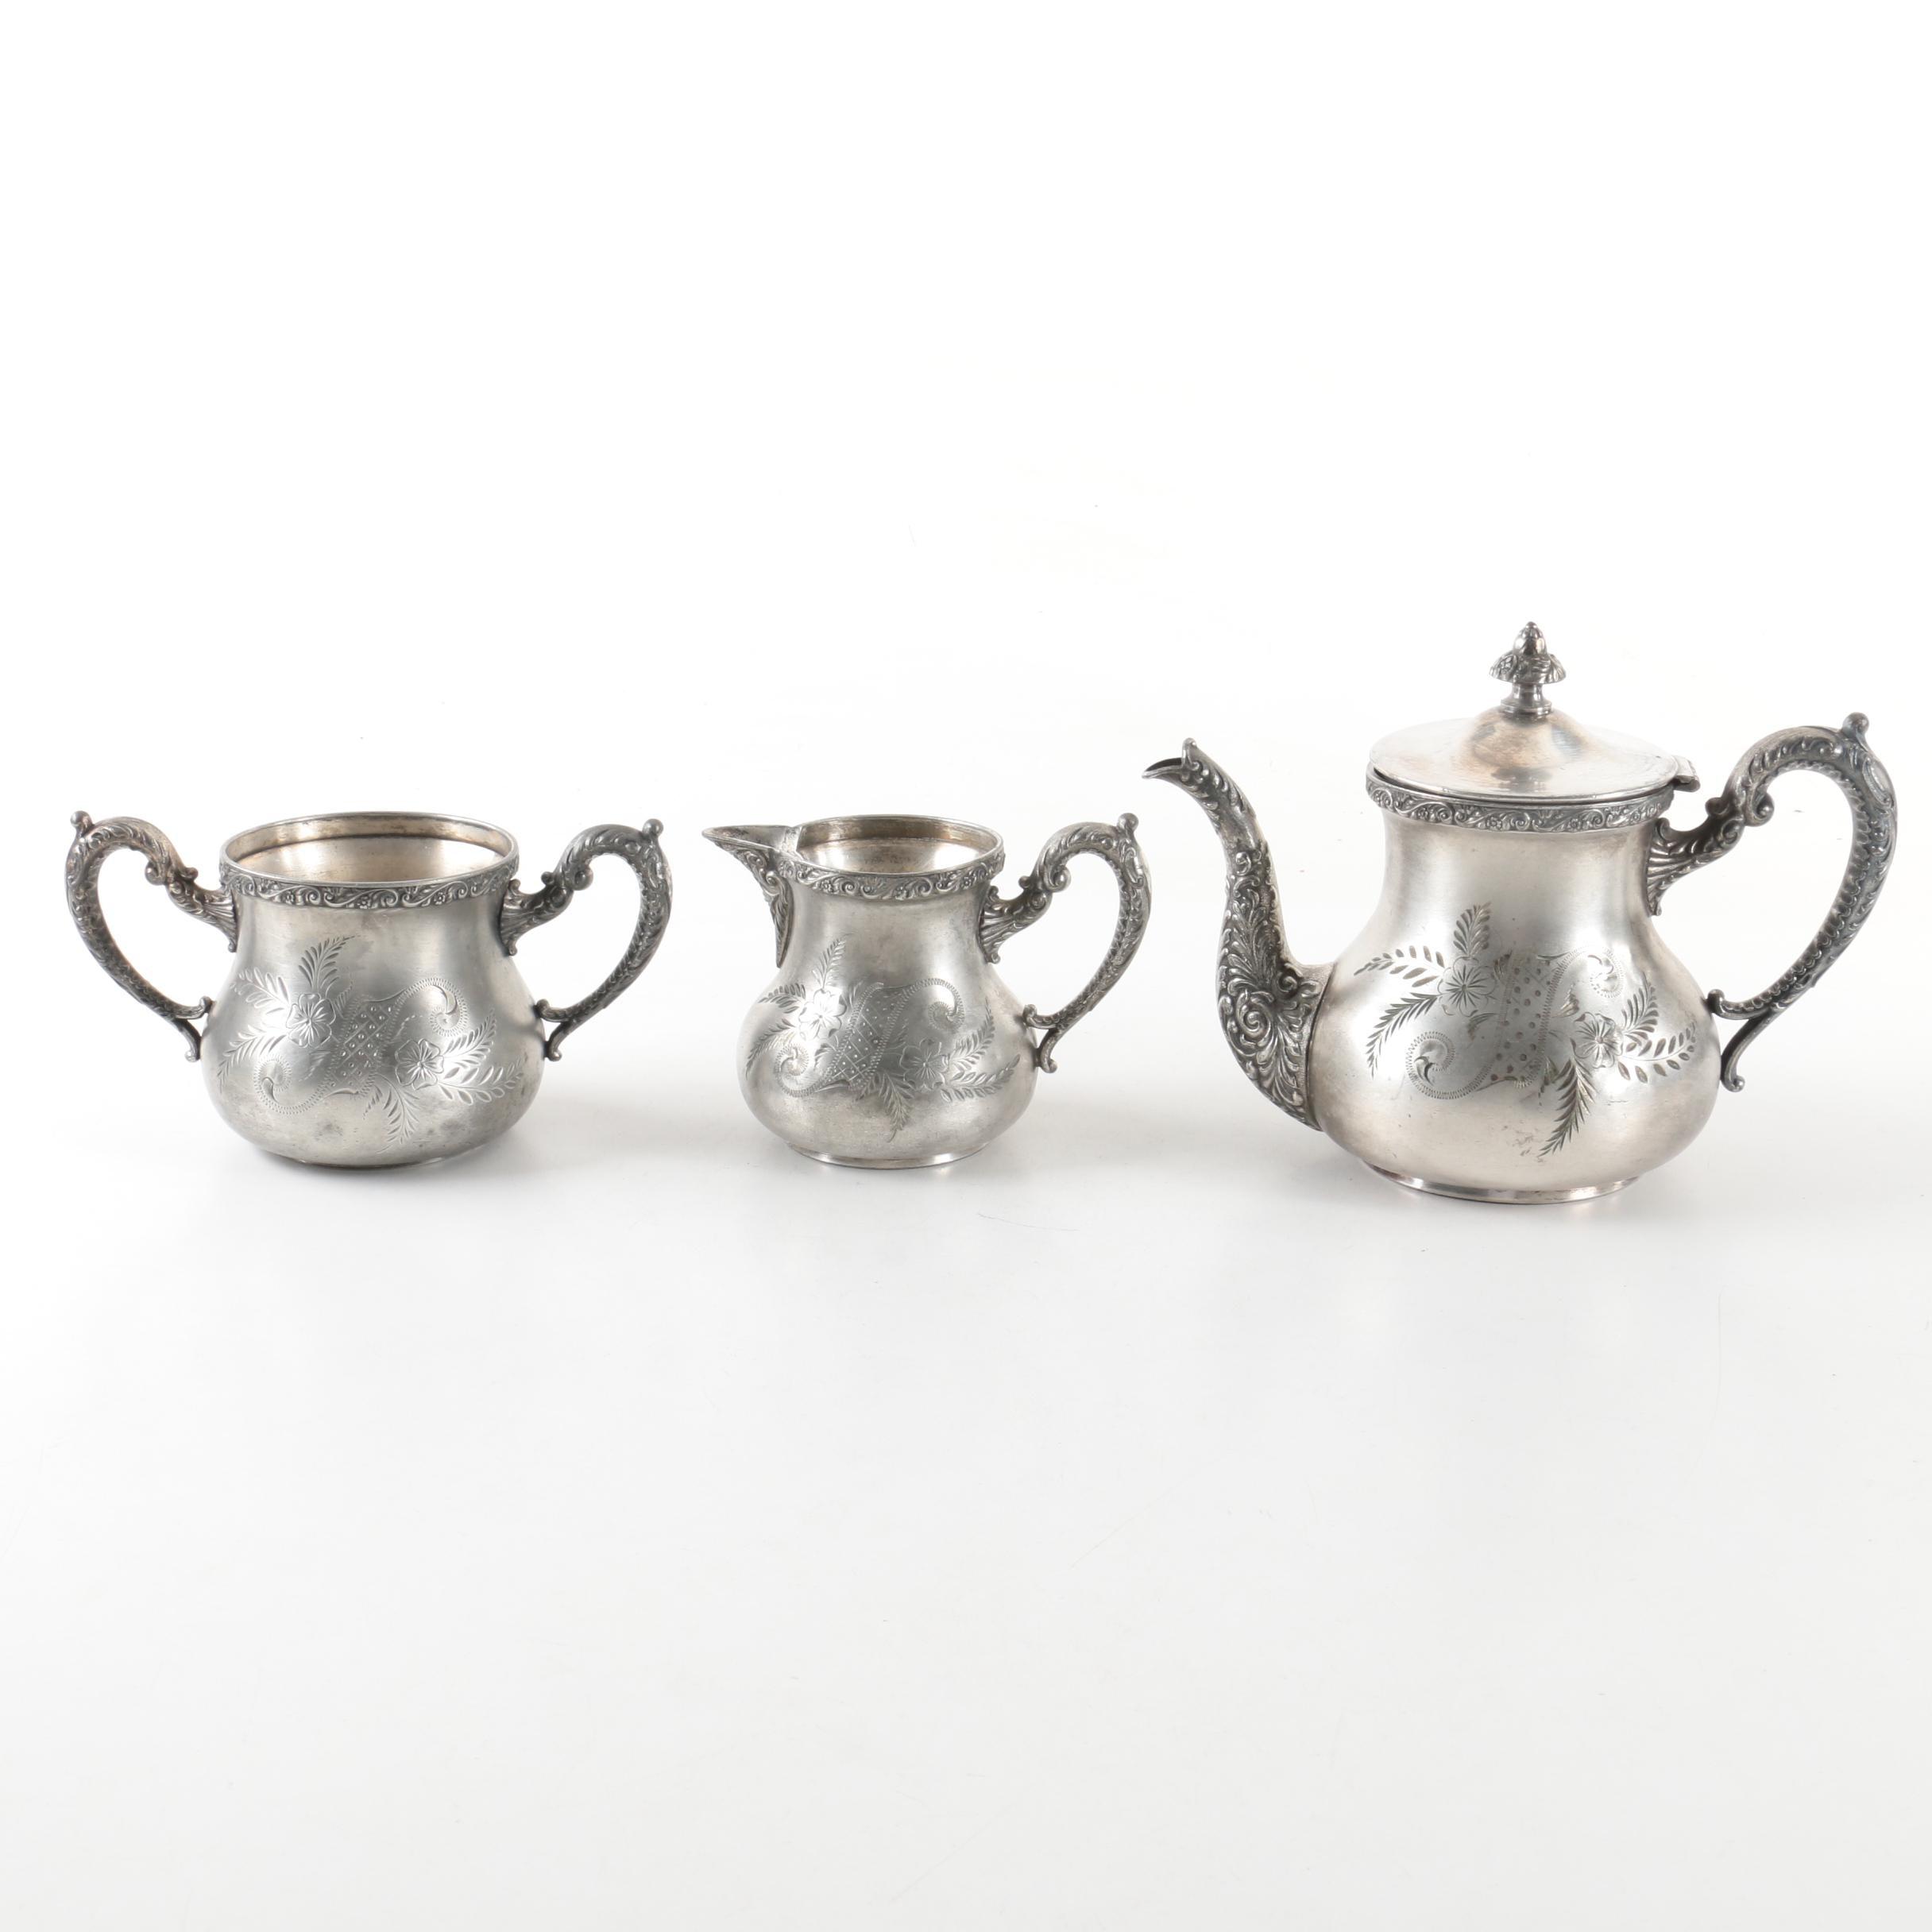 Vintage E.G.Webster \u0026 Son Silver-Plated Tea Service ...  sc 1 st  EBTH.com & Vintage E.G.Webster \u0026 Son Silver-Plated Tea Service : EBTH